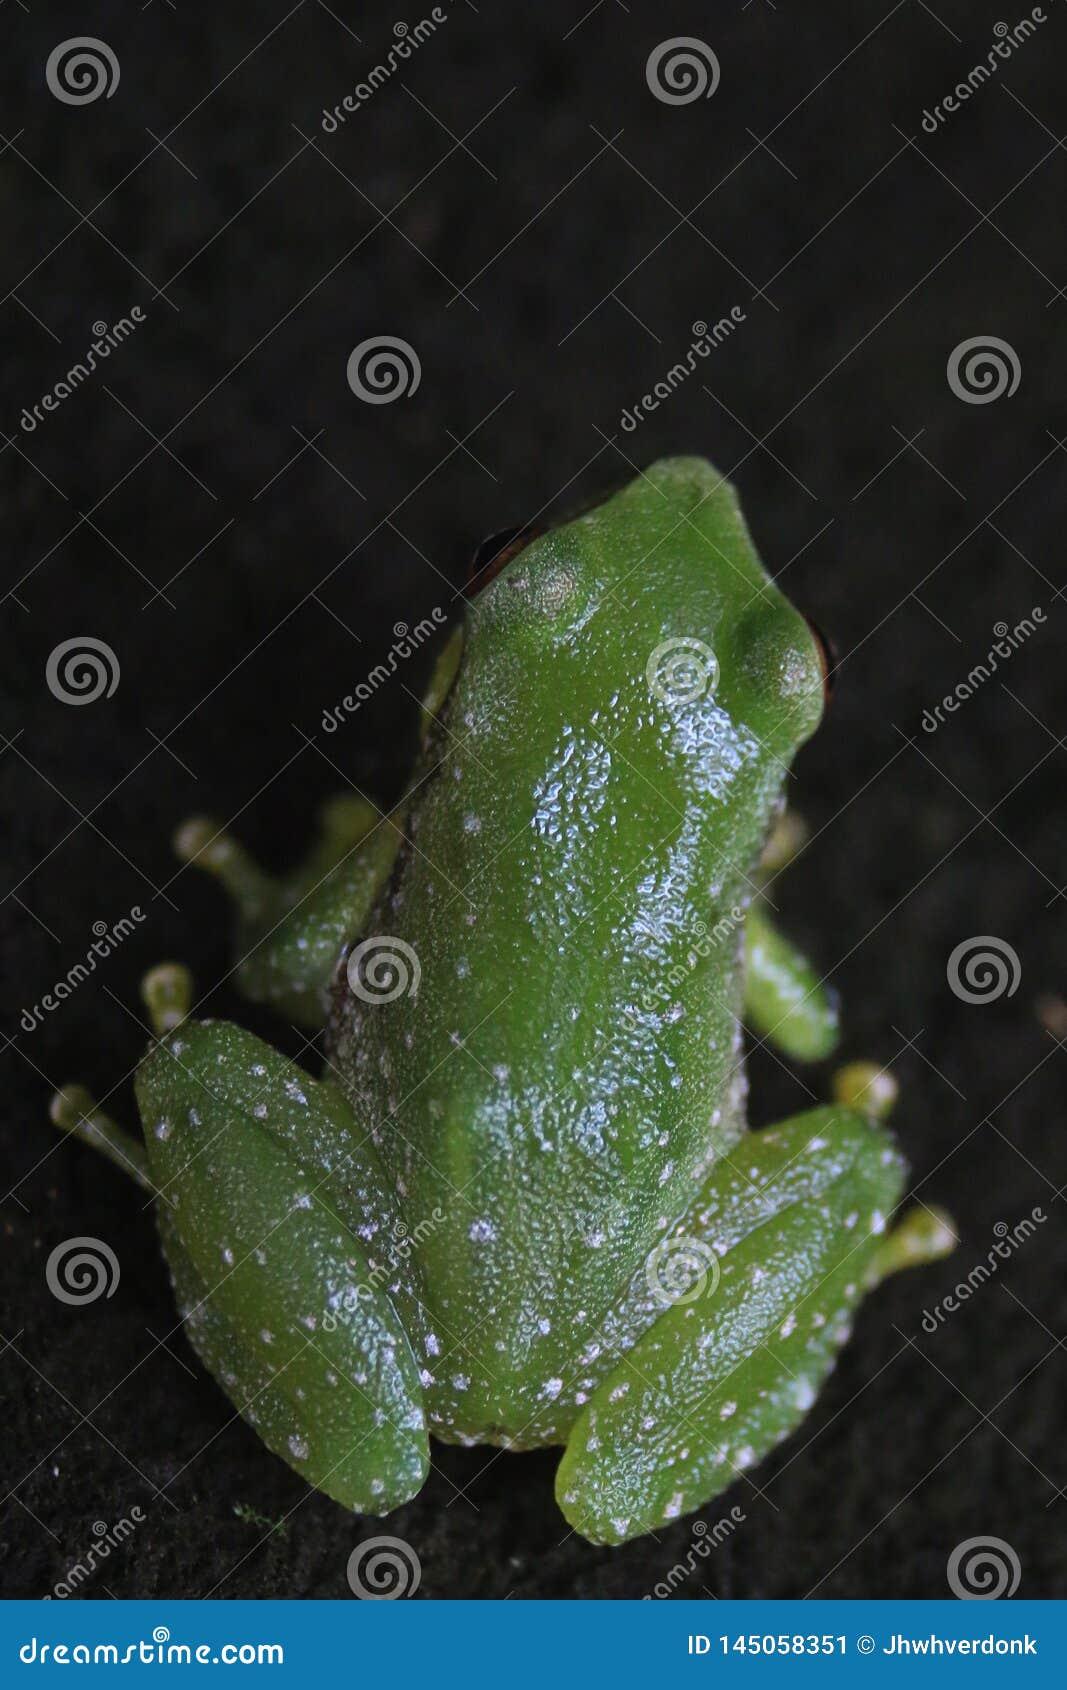 De rug van een kleine groene kikker met kleine witte vlekken